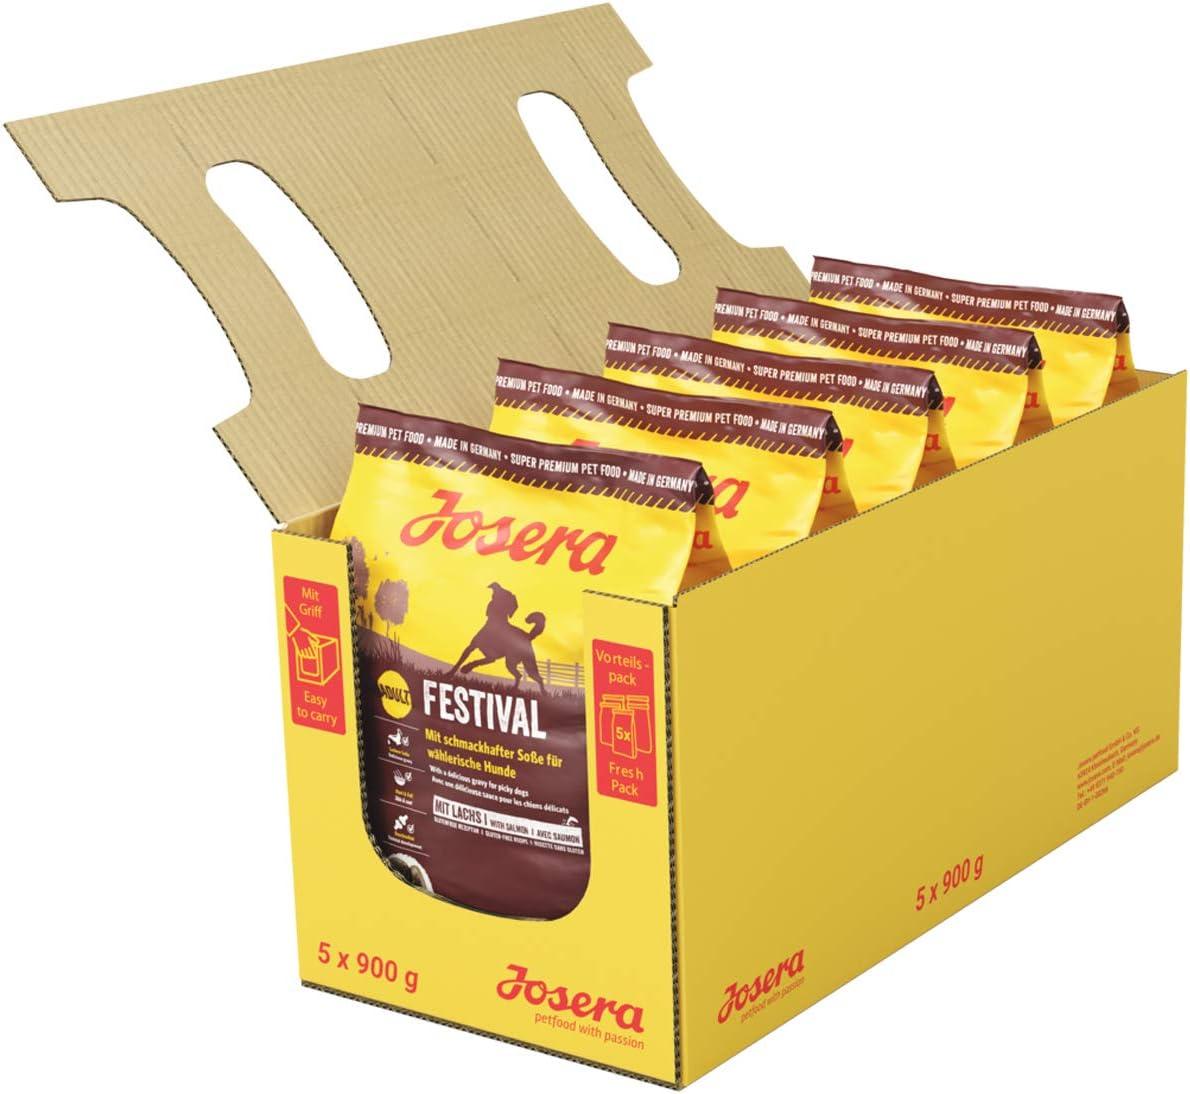 JOSERA Pack de Sacos de comida para Perro - Festival, 5x900 g ...